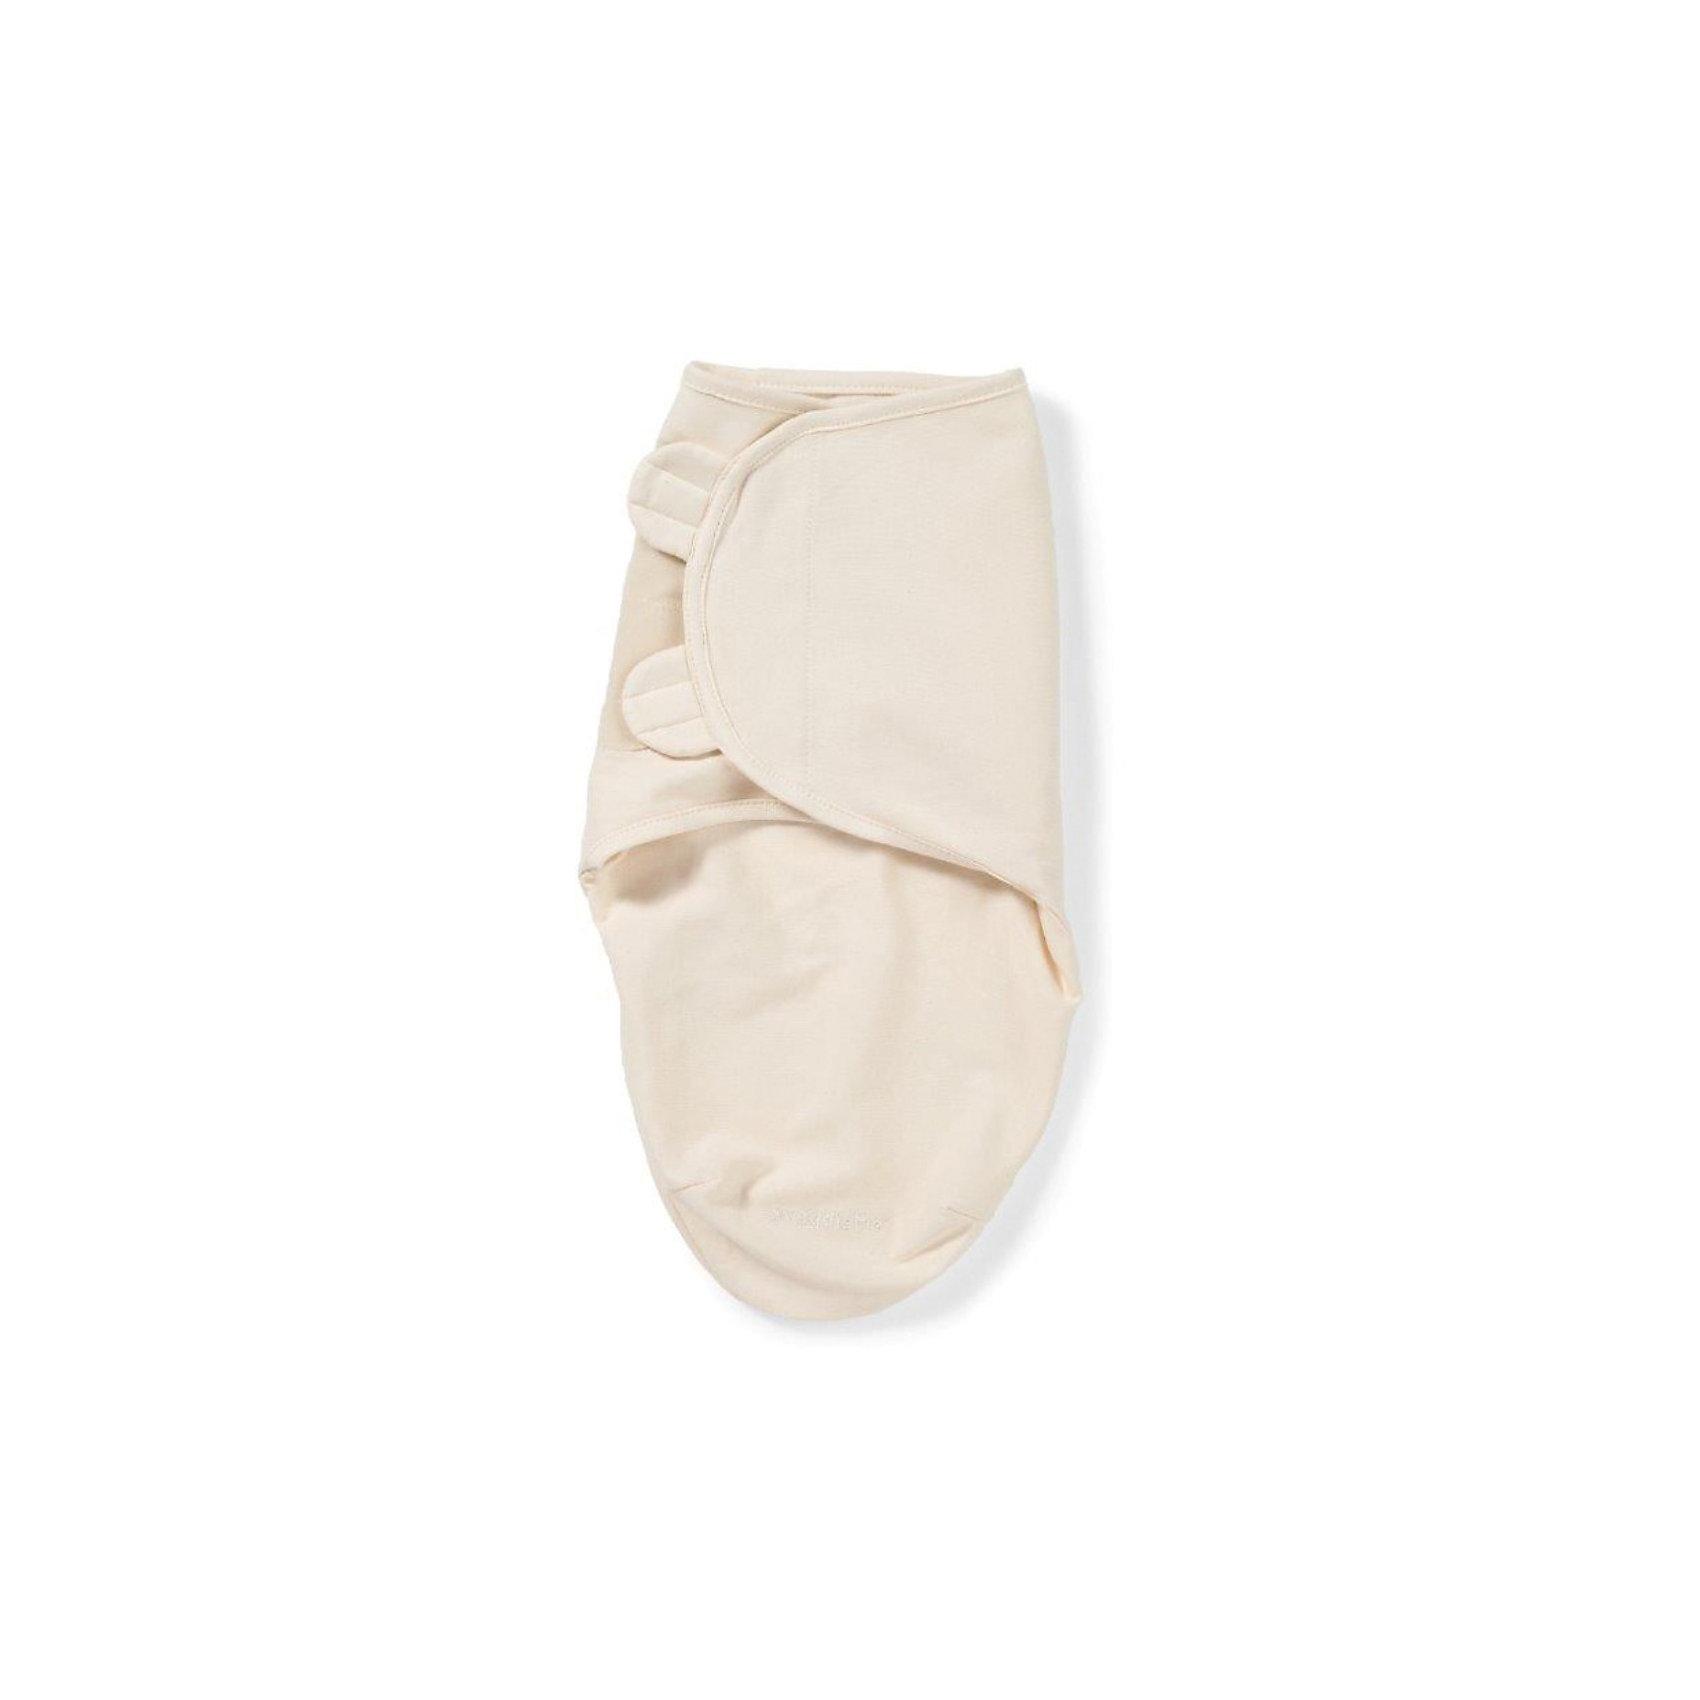 Конверт для пеленания на липучке, SWADDLEME ORGANIC р-р L, 6-10 кг., кремовыйМягкий конверт для пеленания SwaddleMe Organic, Summer Infant (Саммер Инфант) обеспечит комфорт и уют Вашему малышу, а для мамы процесс пеленания станет проще и удобнее. Конверт нежно облегает ребенка, не ограничивая его движений и создает ощущение уюта и защищенности. Сон малыша будет крепким и спокойным, а конверт поможет снизить рефлекс внезапного вздрагивания.<br><br>У конверта имеются регулируемые крылья для закрытия, которые не дадут малышу распеленаться во время сна. Положение крыльев можно регулировать по мере роста ребенка.<br>Специальная прорезь в области ног малыша позволяет определить необходимость замены подгузника, а нижнюю часть конверта можно открыть отдельно, чтобы быстро и легко сменить подгузник, не разворачивая полностью ребенка. Конверт имеет удобную застежку в виде двух липучек, рассчитан на малышей весом от 6 до 10 кг (размер  L). Можно стирать в деликатном режиме, при температуре 30 градусов.<br><br>Дополнительная информация:<br><br>- Цвет: кремовый.<br>- Материал: 100% хлопок.<br>- Длина конверта: 60 см. (размер  L).<br>- Размер упаковки: 15 х 23,5 х 3 см.<br>- Вес: 0,2 кг.<br><br>Конверт для пеленания на липучке, SWADDLEME ORGANIC р-р L, 6-10 кг., кремовый можно купить в нашем интернет-магазине.<br><br>Ширина мм: 150<br>Глубина мм: 235<br>Высота мм: 30<br>Вес г: 160<br>Возраст от месяцев: 3<br>Возраст до месяцев: 9<br>Пол: Унисекс<br>Возраст: Детский<br>SKU: 3768101